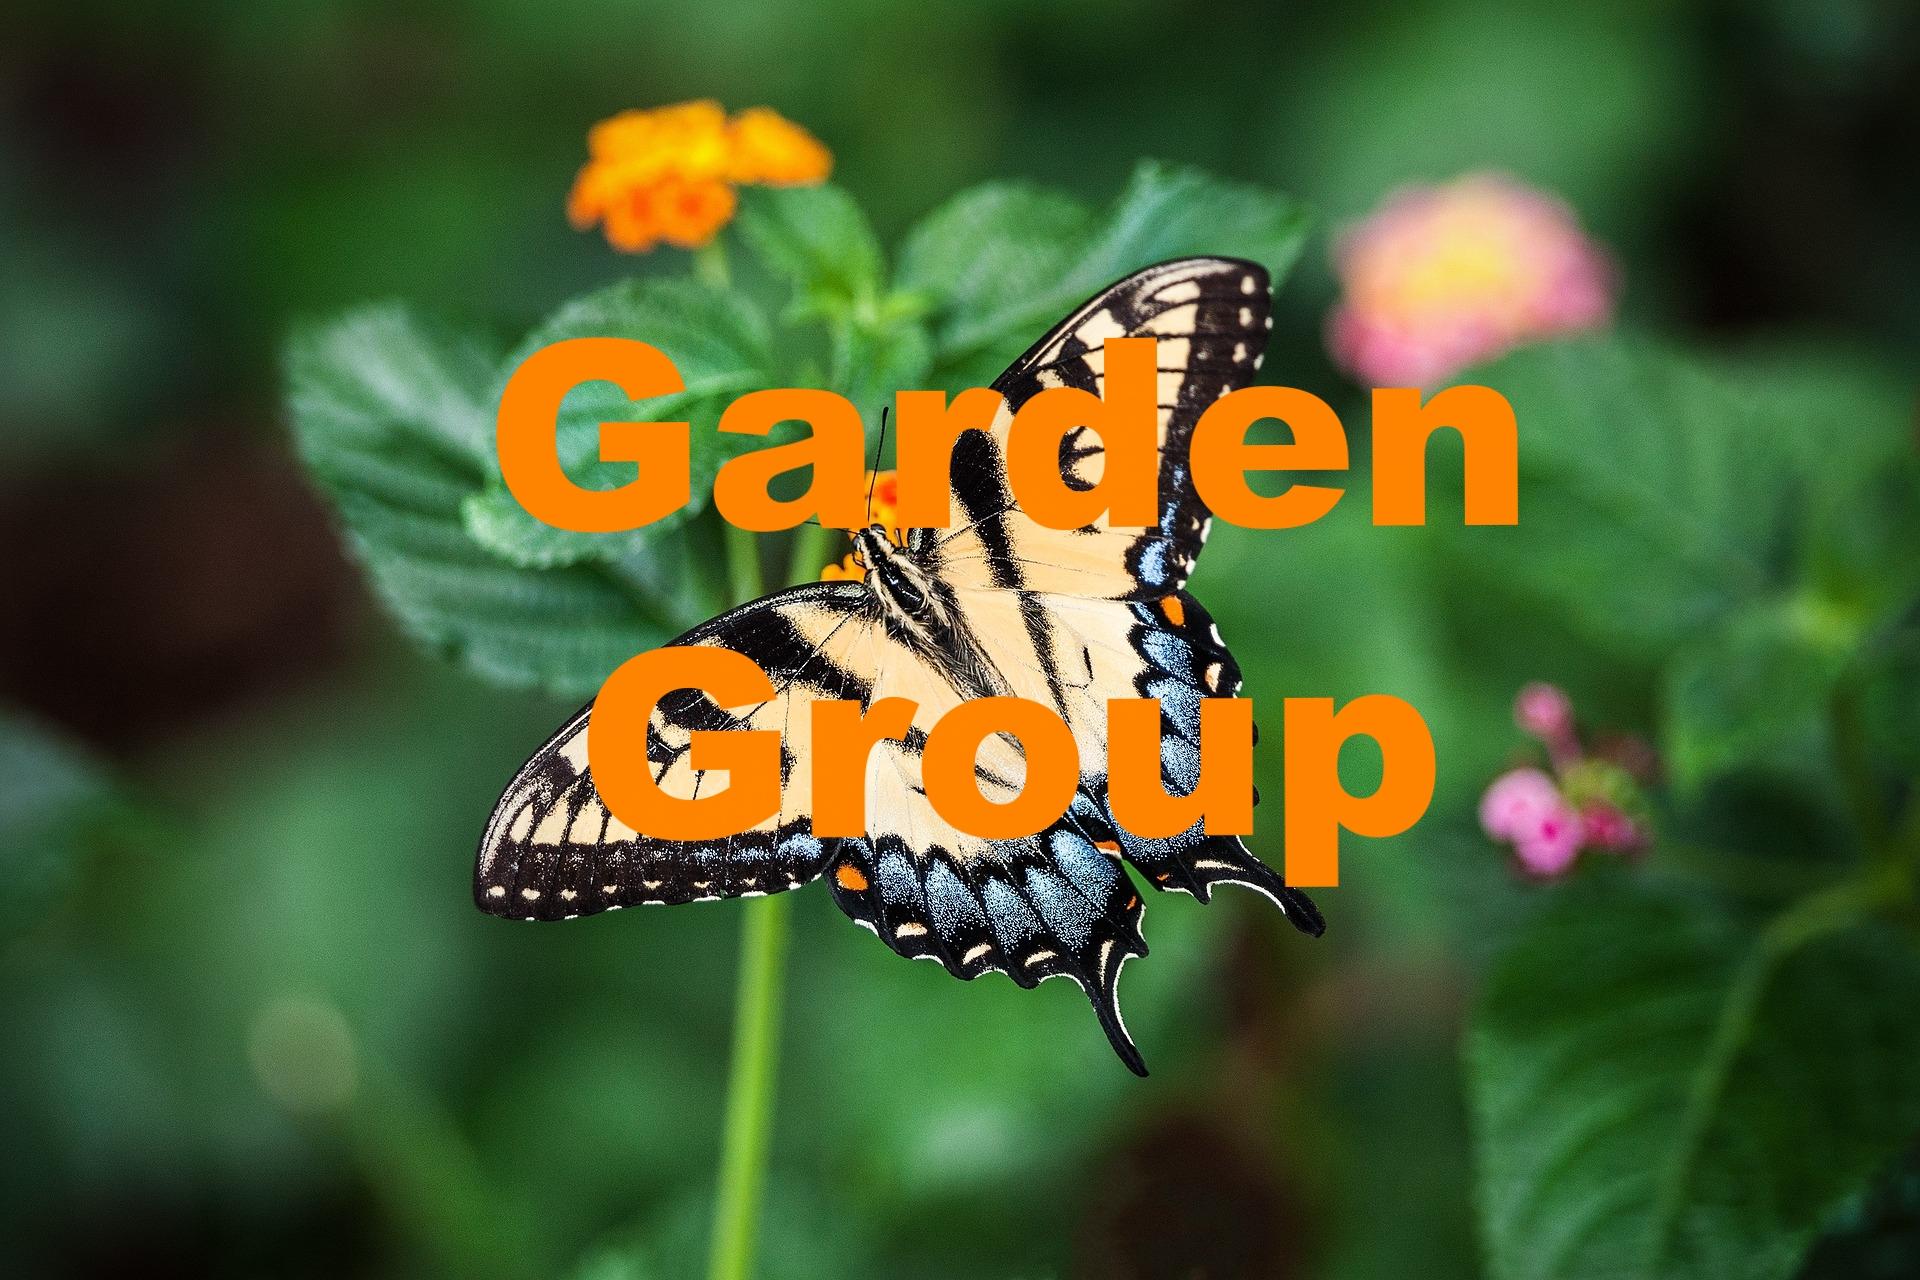 butterfly-1391809_1920.jpg